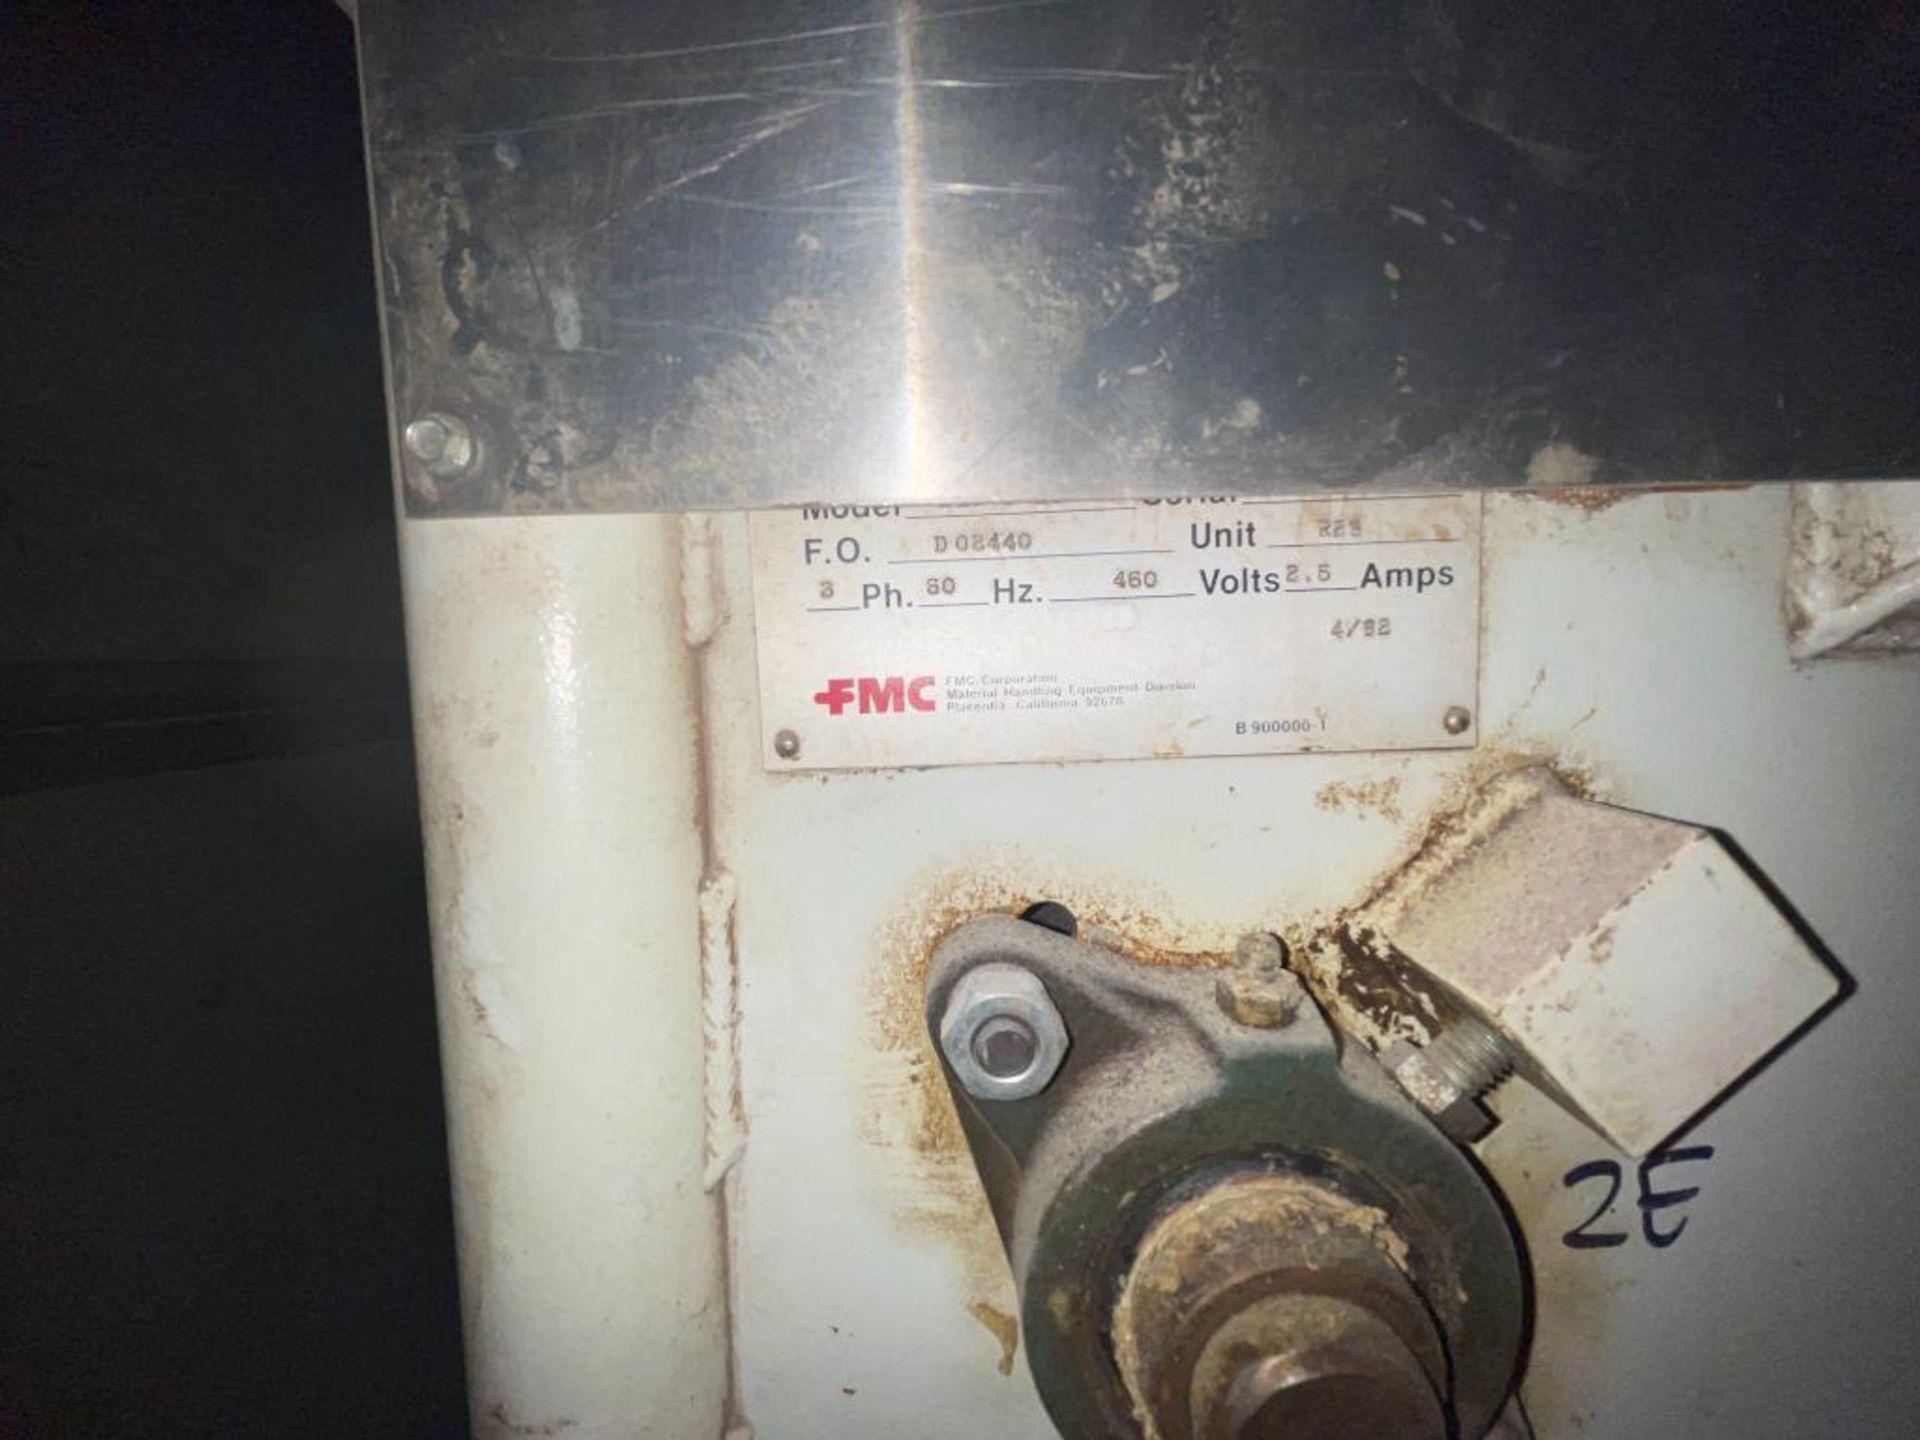 Aseeco horizontal overlapping bucket elevator - Image 6 of 10